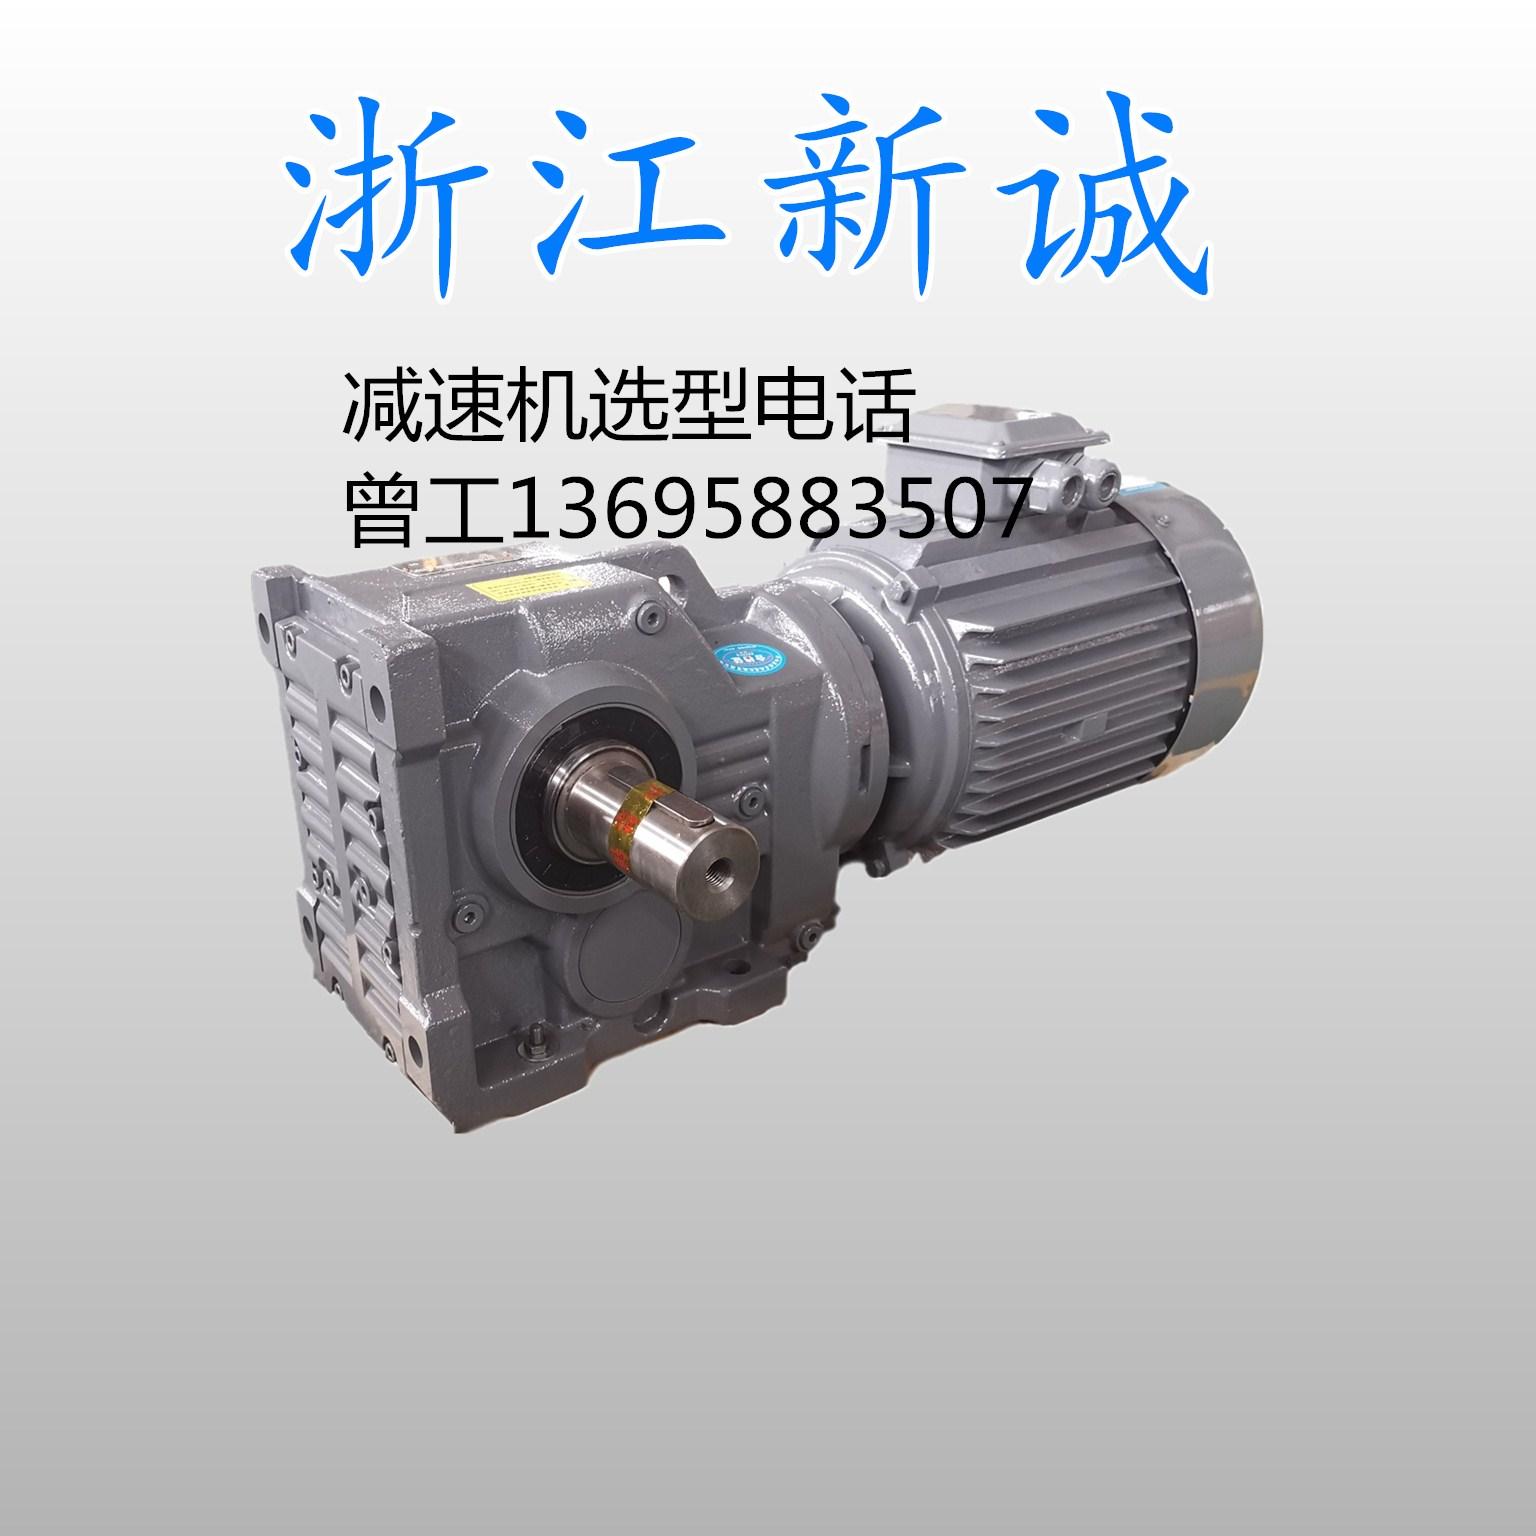 江蘇減速機廠家配件批發 K87減速器推薦浙江新誠減速機廠家